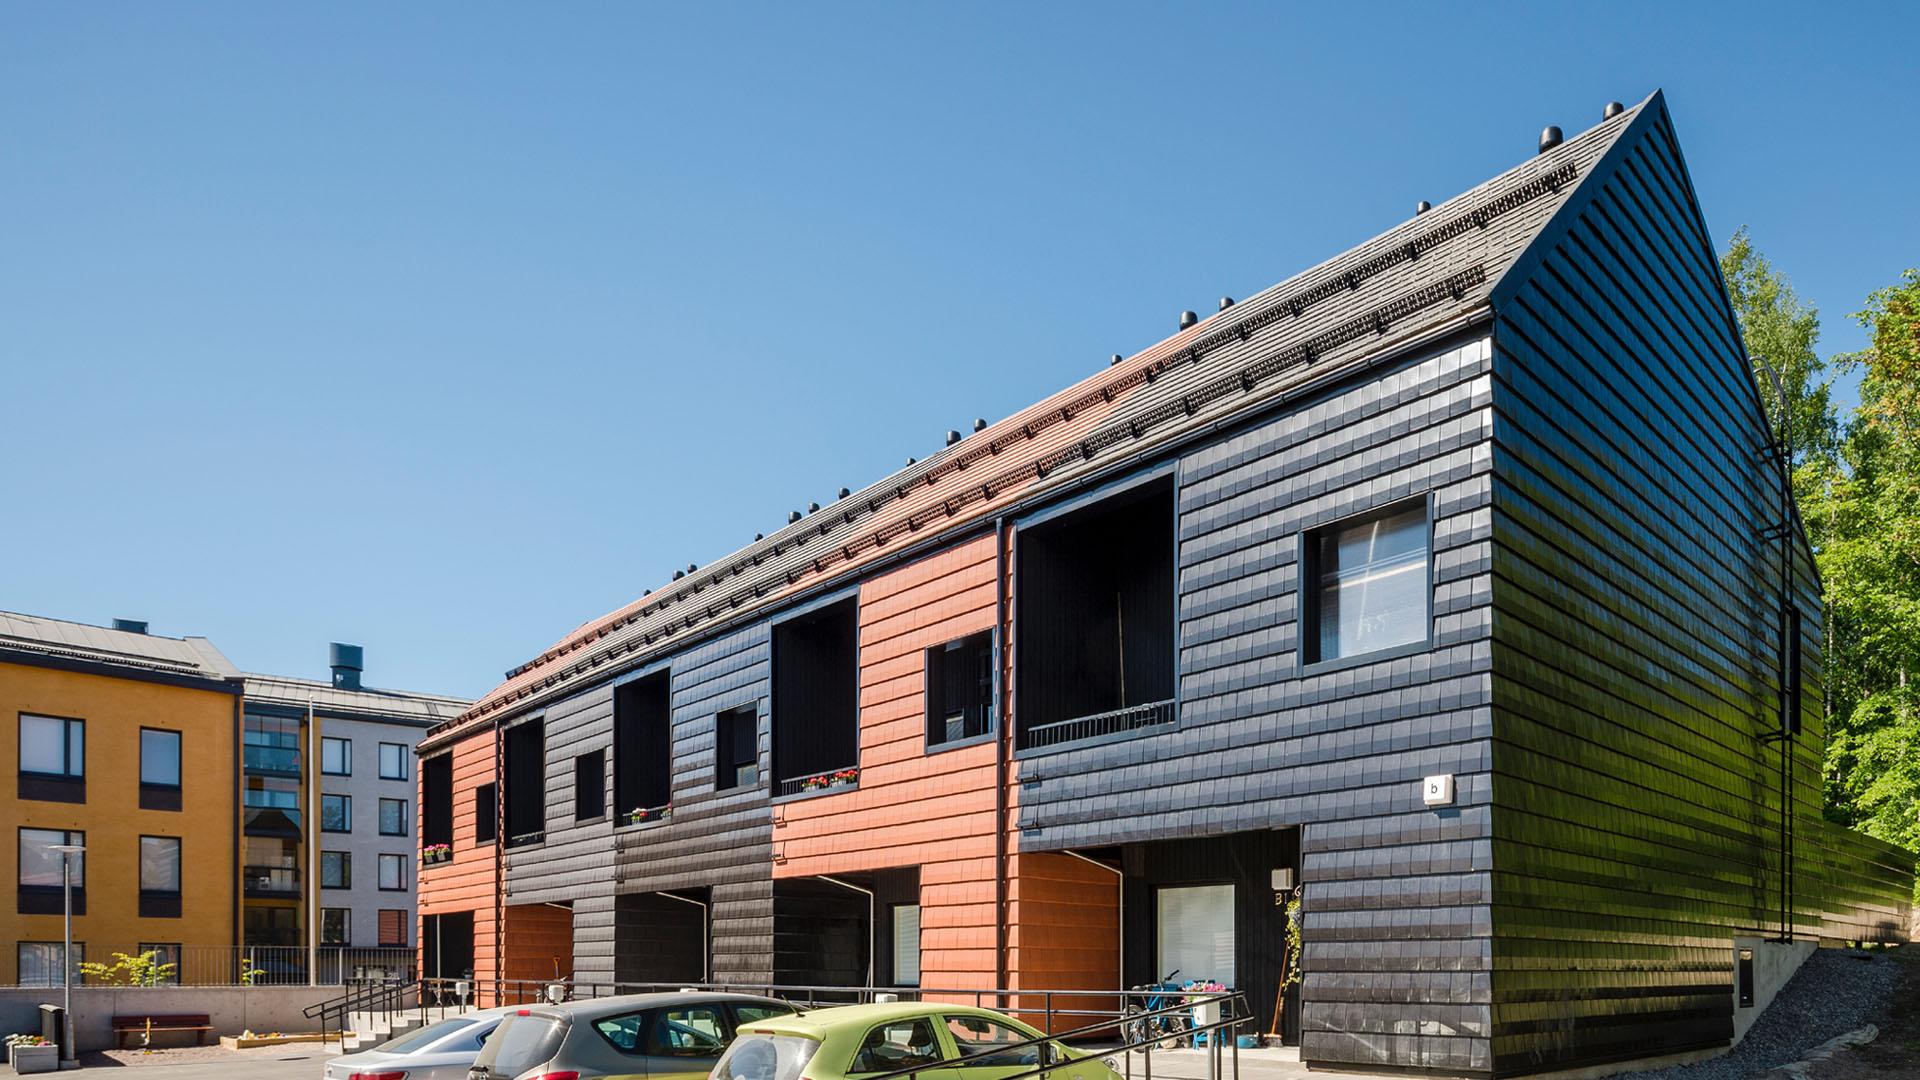 Reppukadun kattotiiliset kaupunkitalot